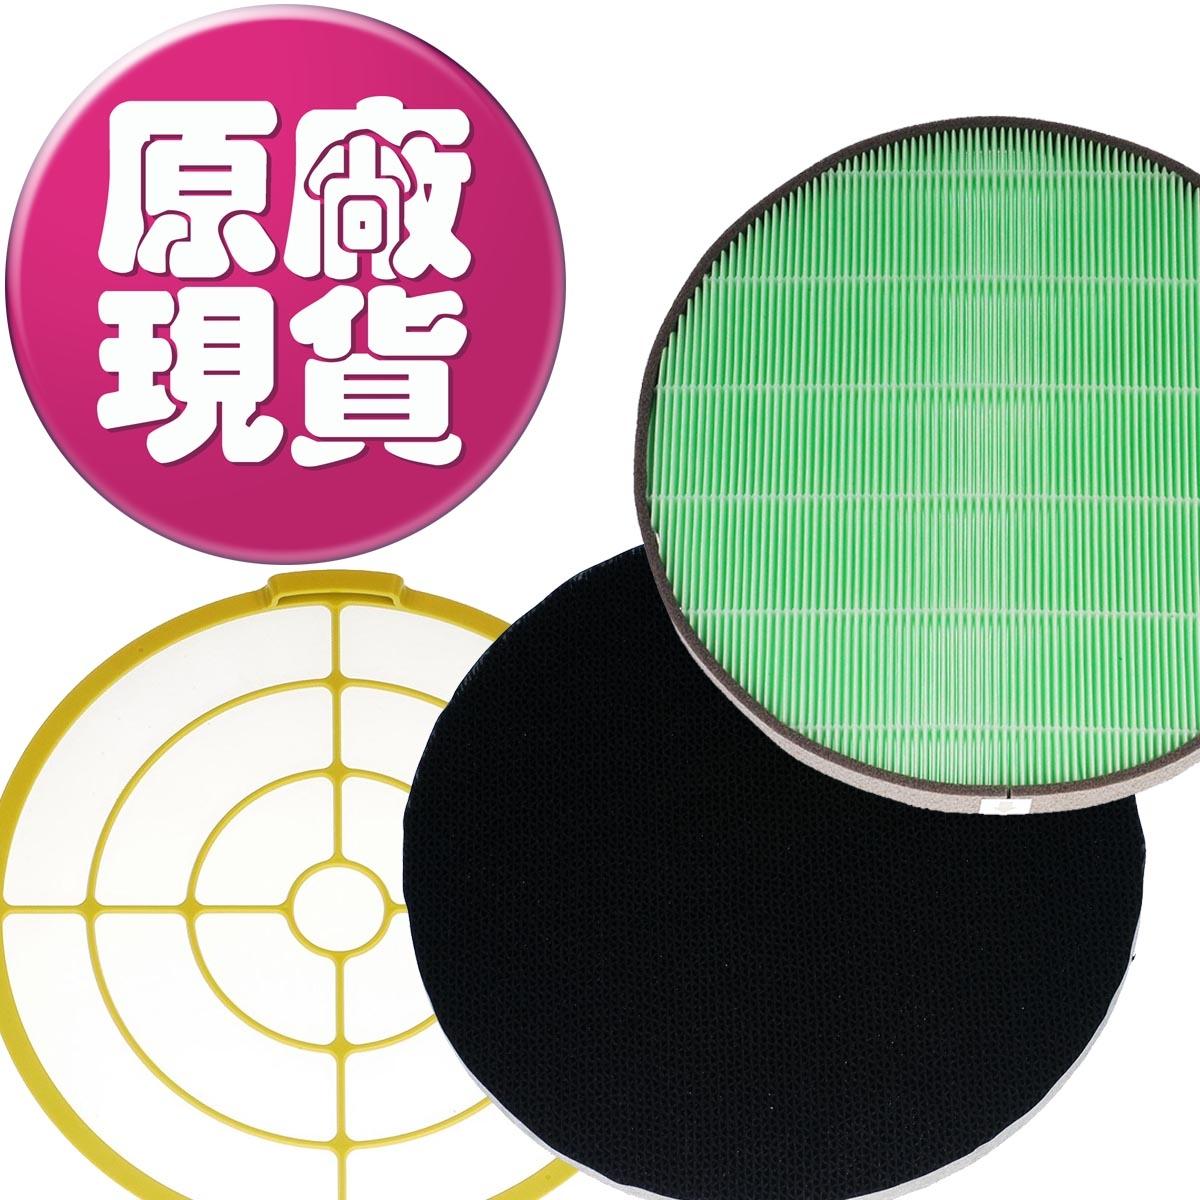 【LG耗材】大龍捲蝸牛 空氣清淨機 全配濾網組合包